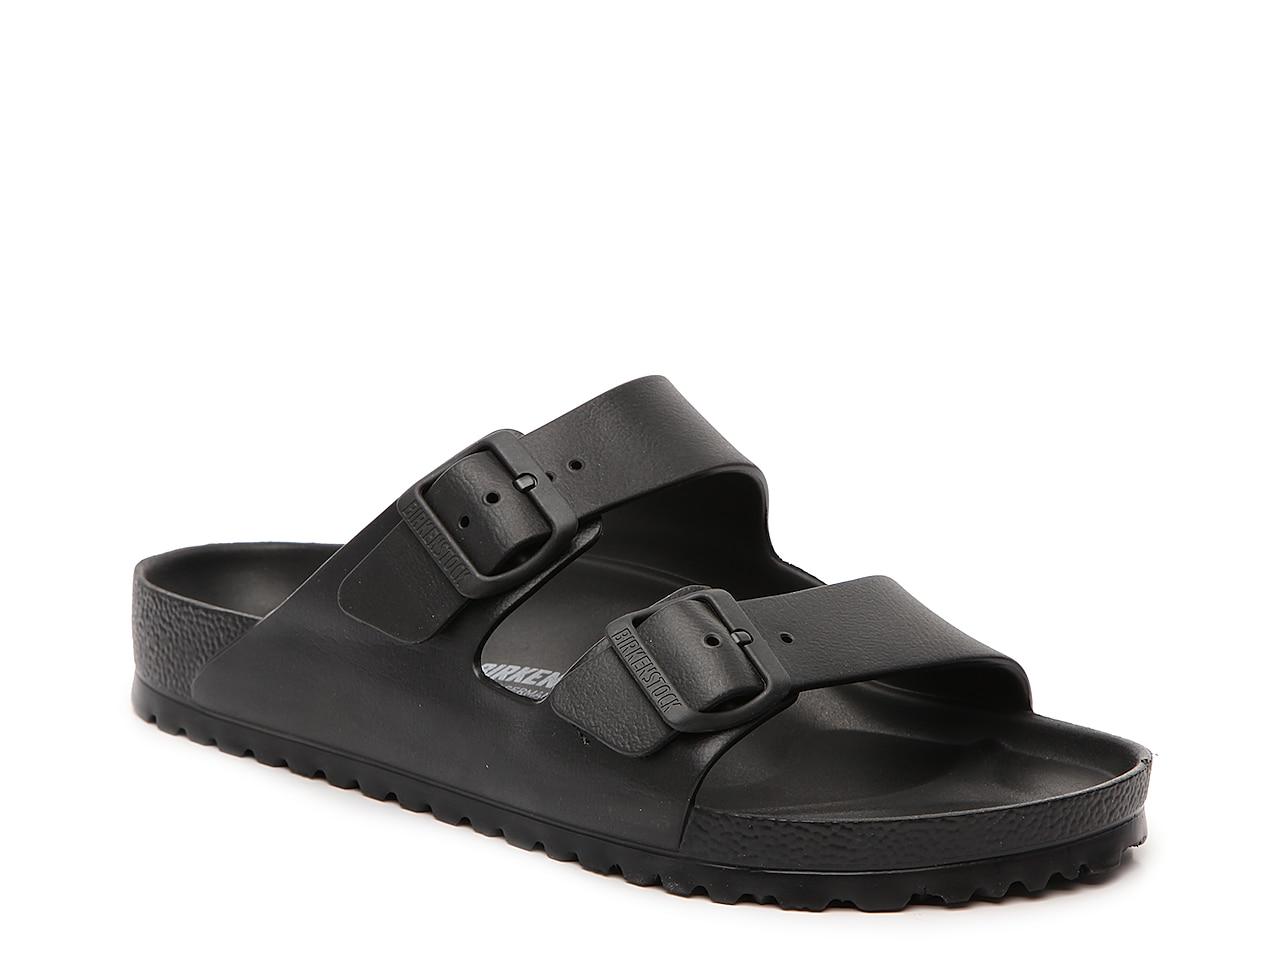 Birkenstock Arizona Essentials Slide Sandal - Men's